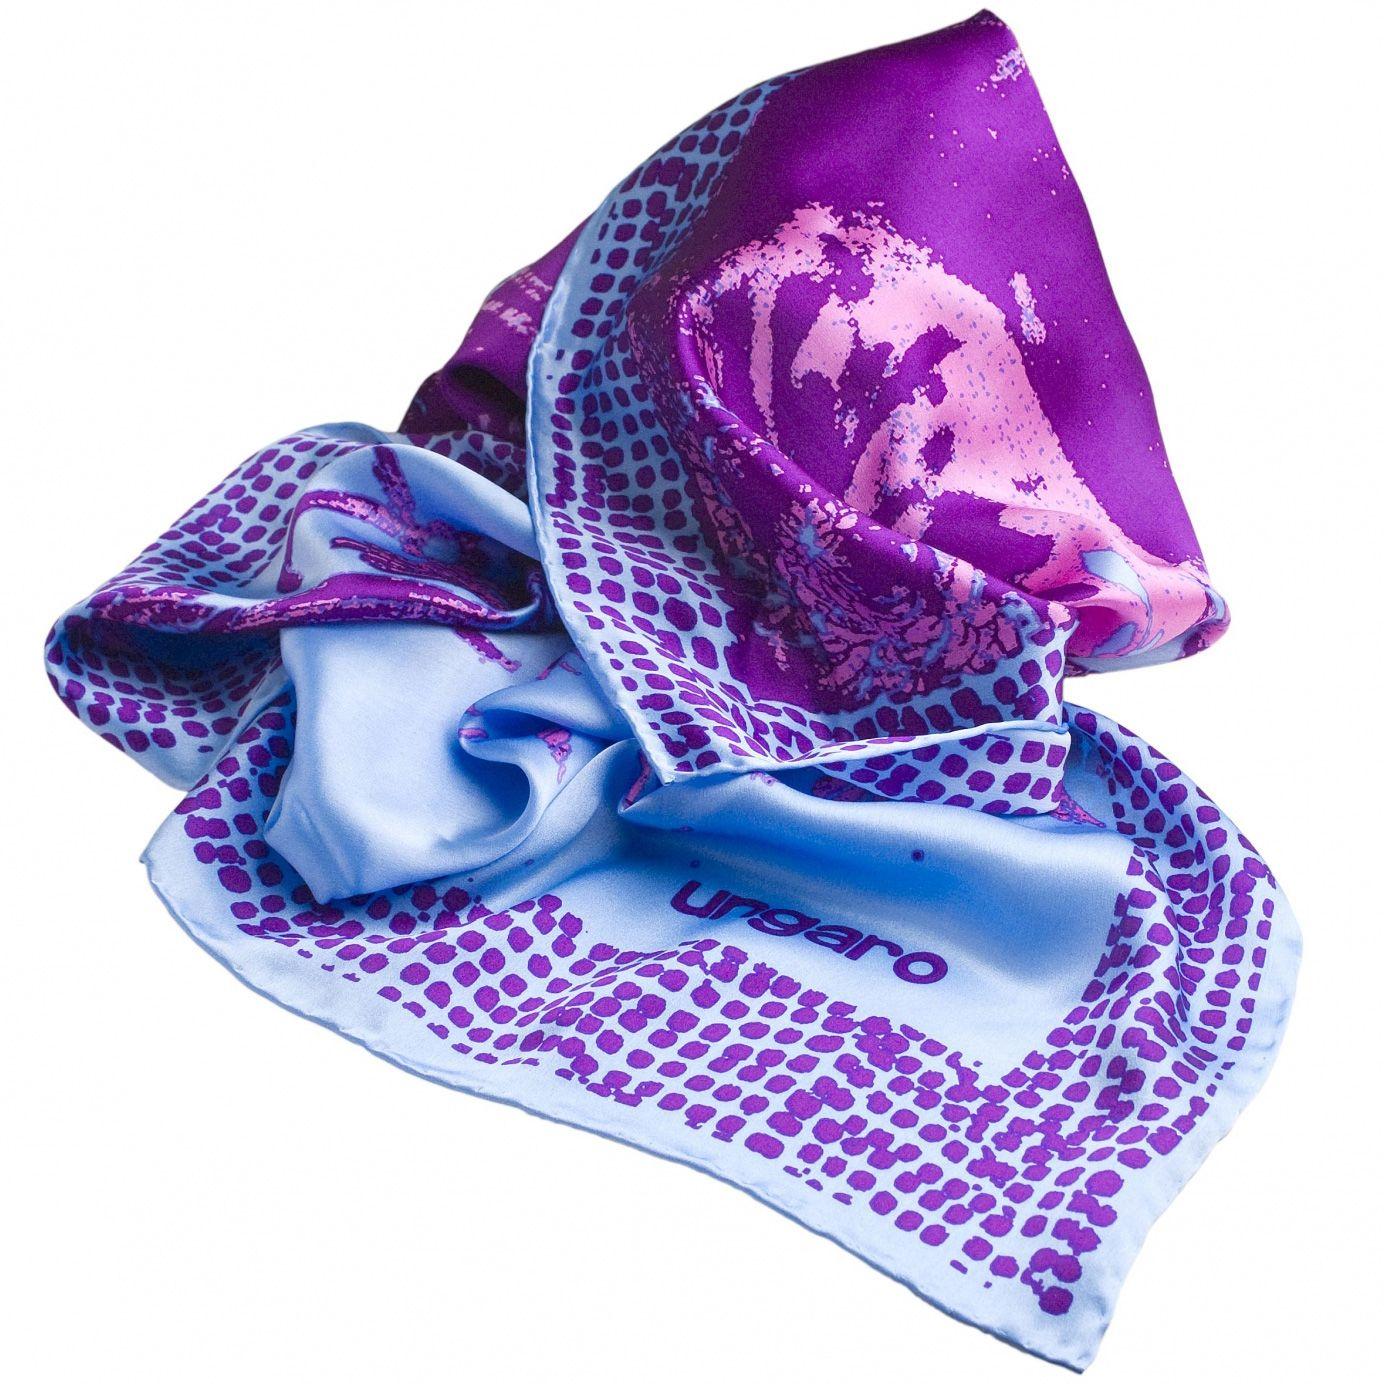 Платок Ungaro «Bergame» шелковый в пурпурных и голубых тонах